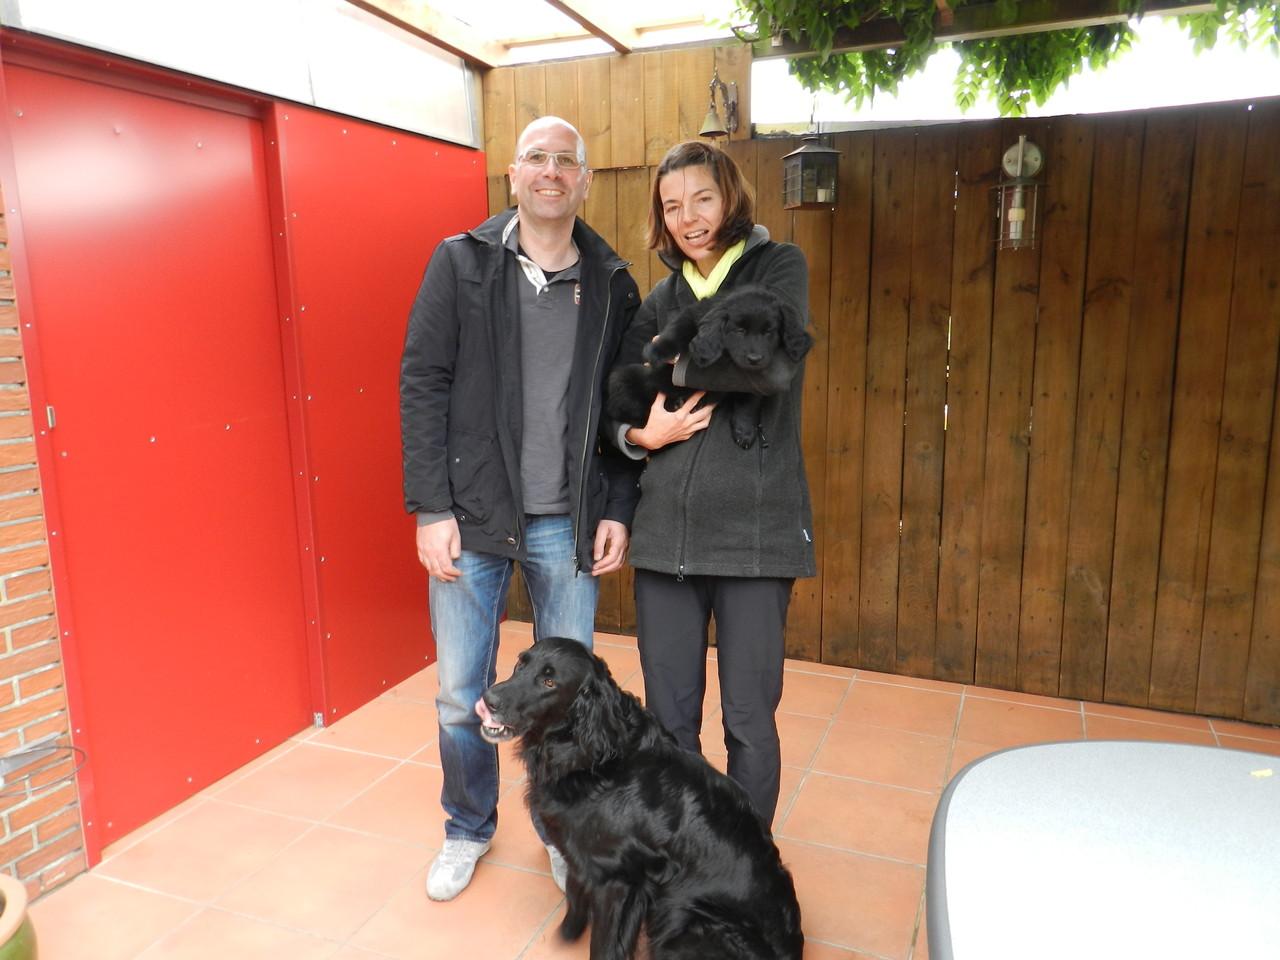 Delta wohnt jetzt bei Anina u. Christopher in der Nähe von Trier